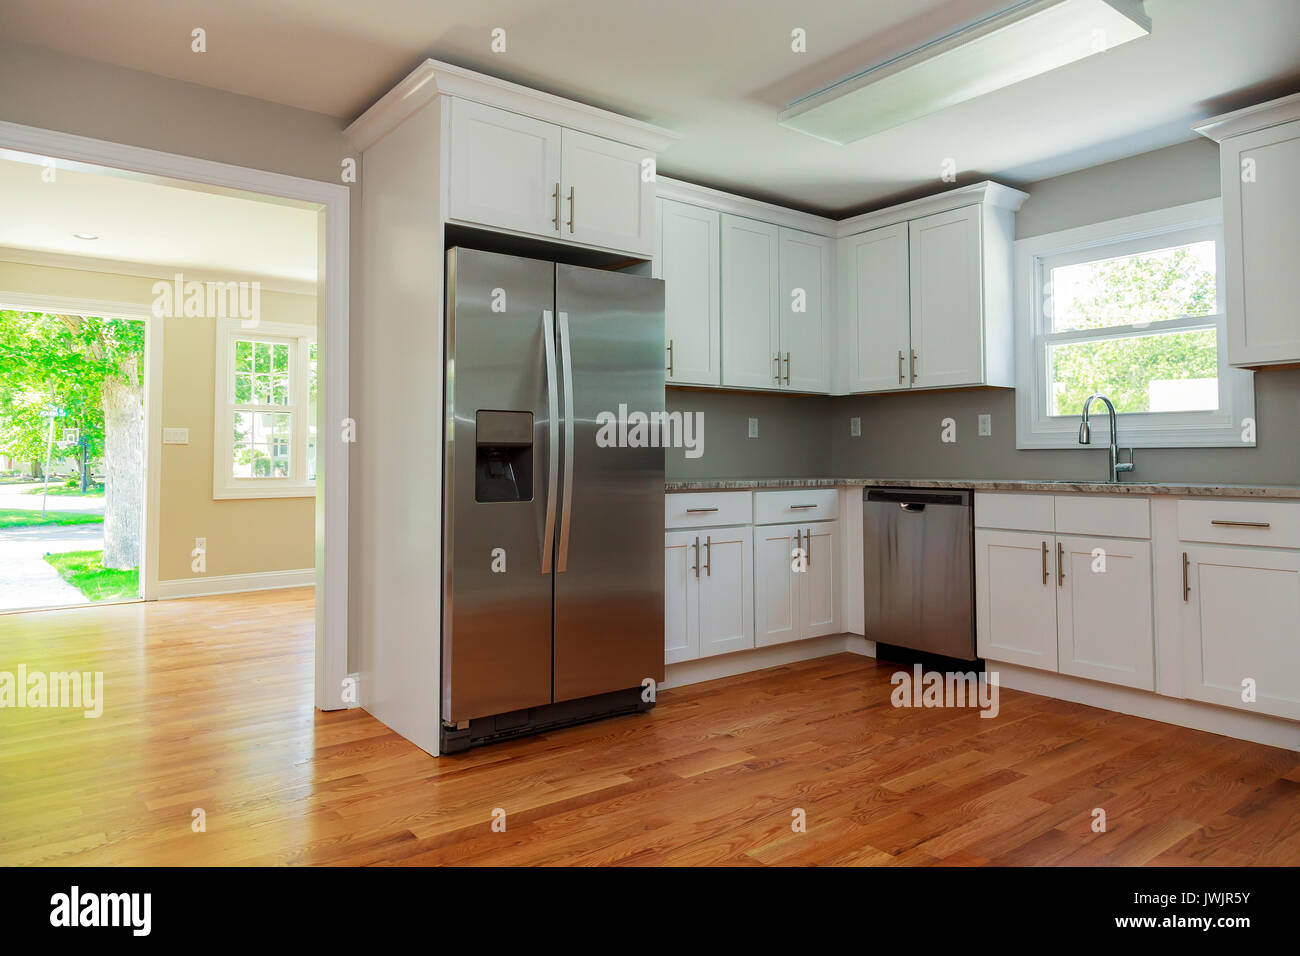 Weiße Küche mit Spüle, Schränke, und Massivholzböden in neuen Luxus ...